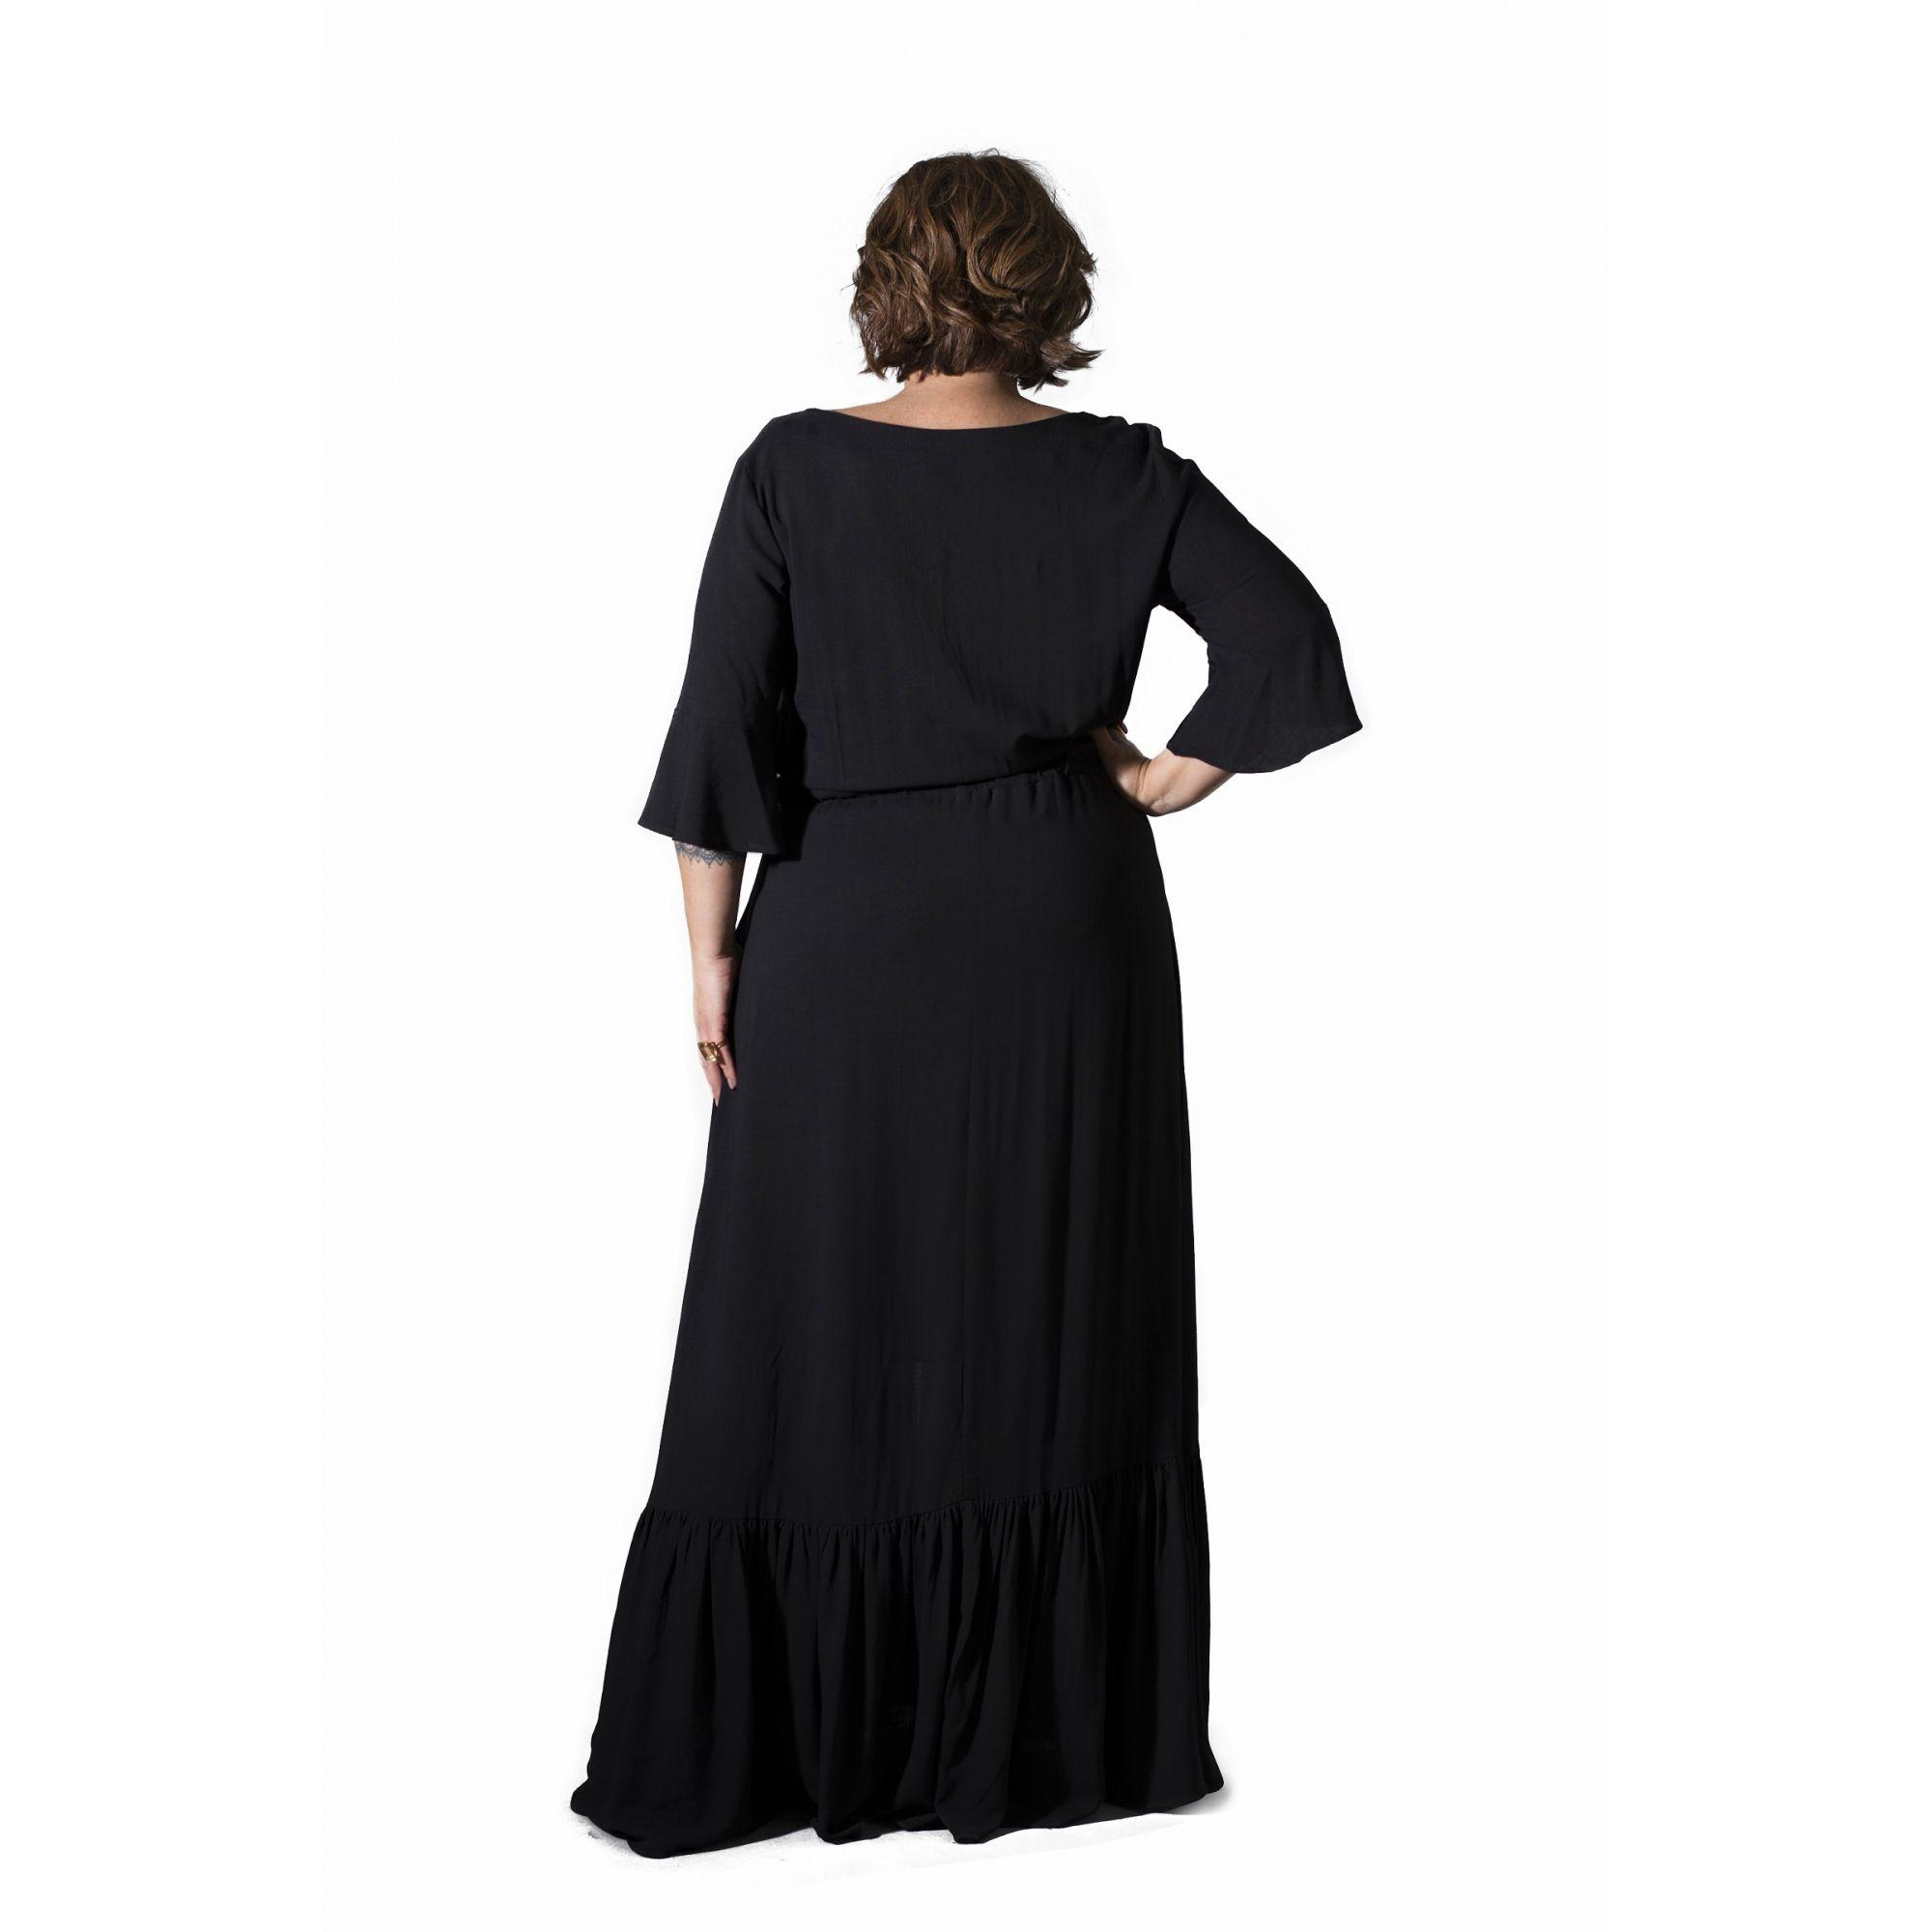 Vestido Plus Size Boho Longo Preto